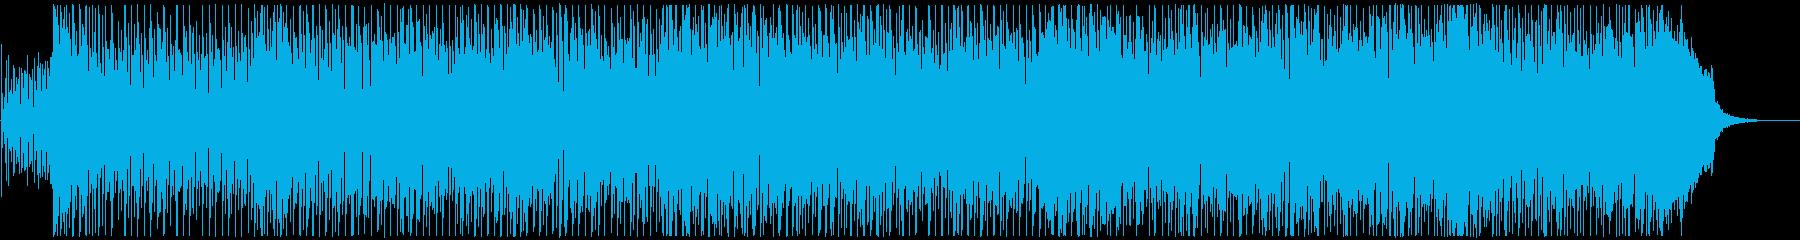 キラキラとポップで爽やかなテクノポップの再生済みの波形